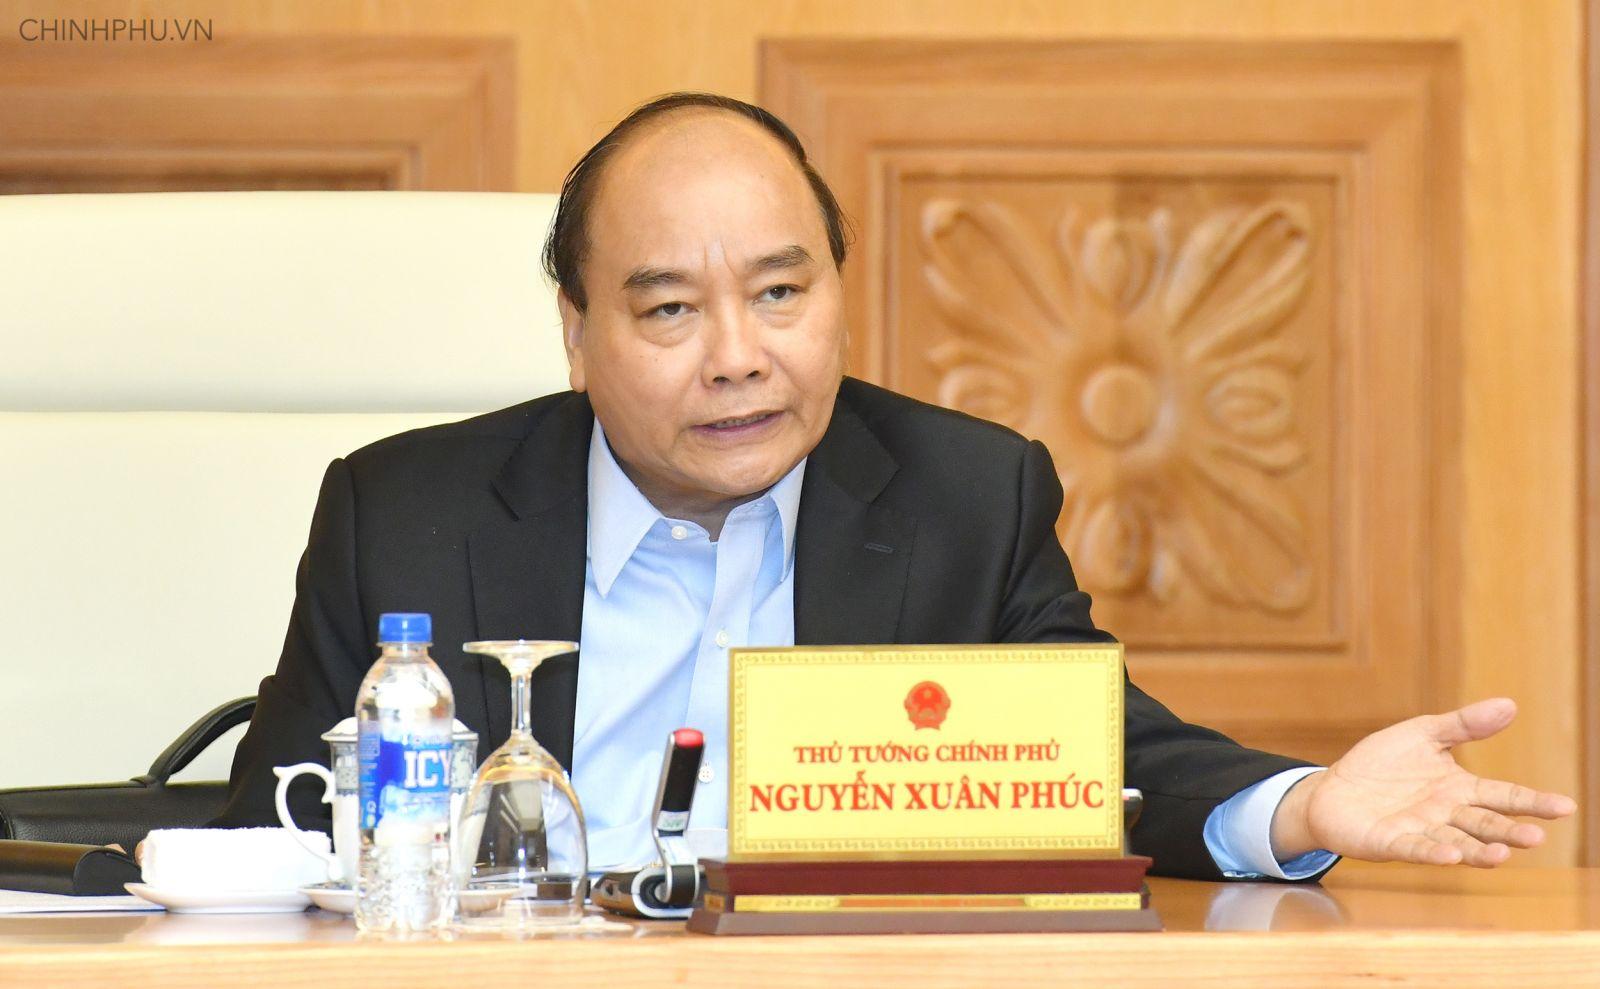 Thủ tướng Nguyễn Xuân Phúc chủ trì phiên họp Thường trực Chính phủ thảo luận về dự thảo Nghị quyết 01 của Chính phủ. Ảnh: VGP/Quang Hiếu